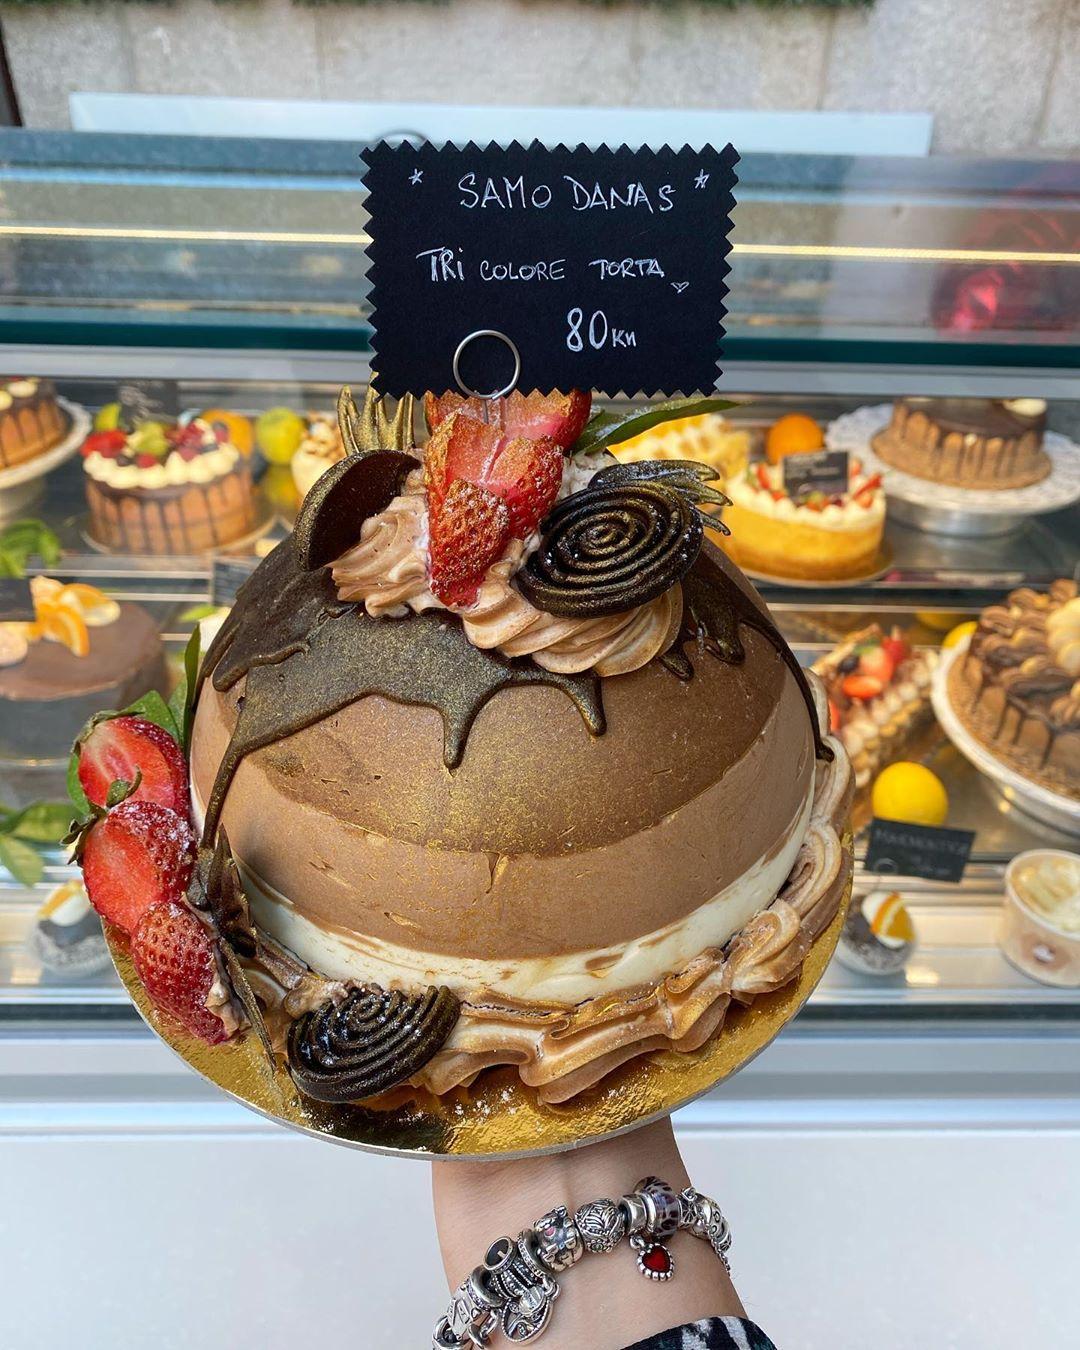 Luka ice cream & cakes slovi za jednu od najboljih slastičarnica u Splitu pa ako ste ovih dana u gradu pod Marjanom, svakako ju posjetite.